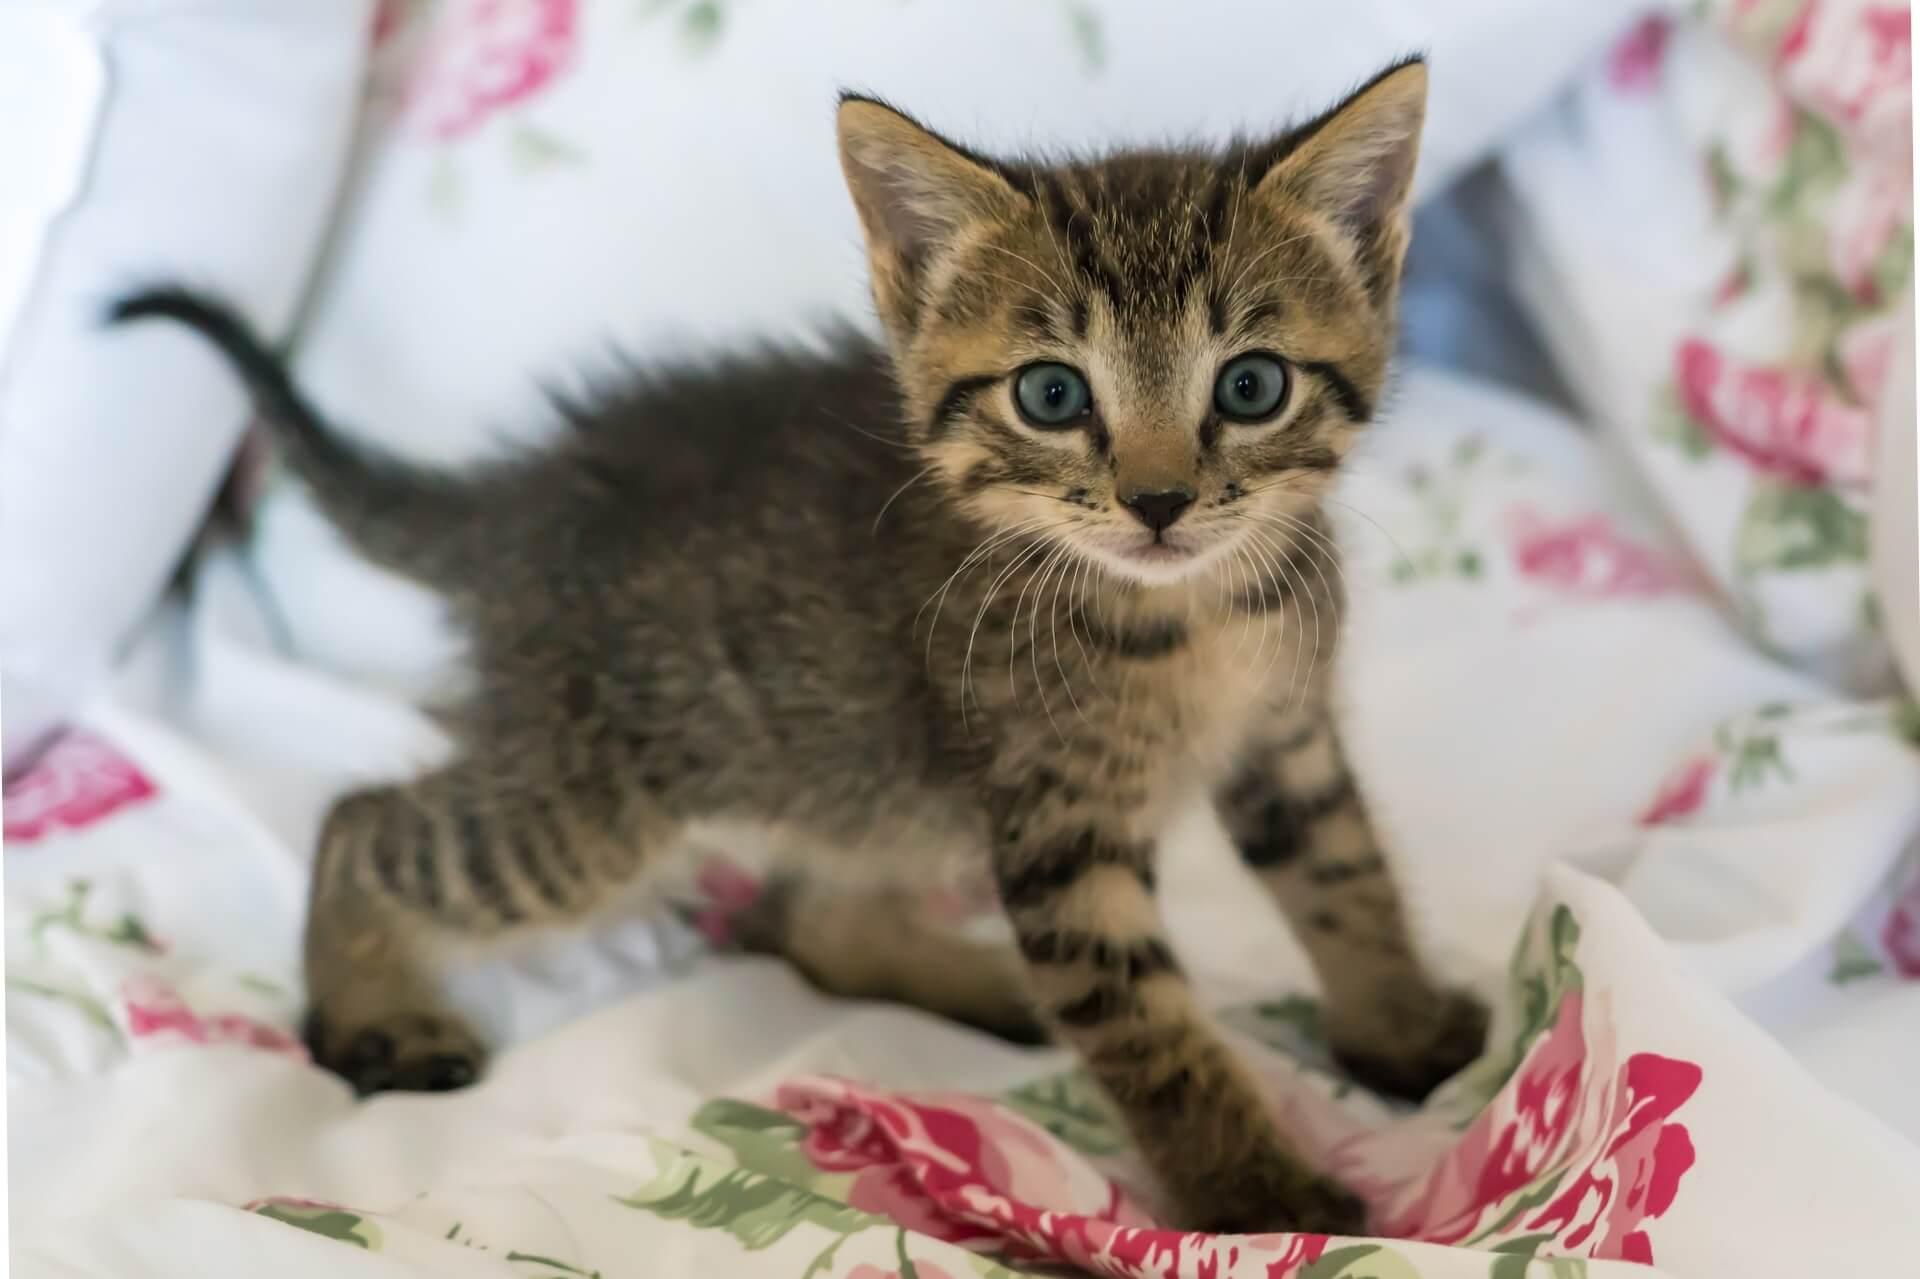 kitten bath time tips _ kitten standing on a rose-pattered blanket